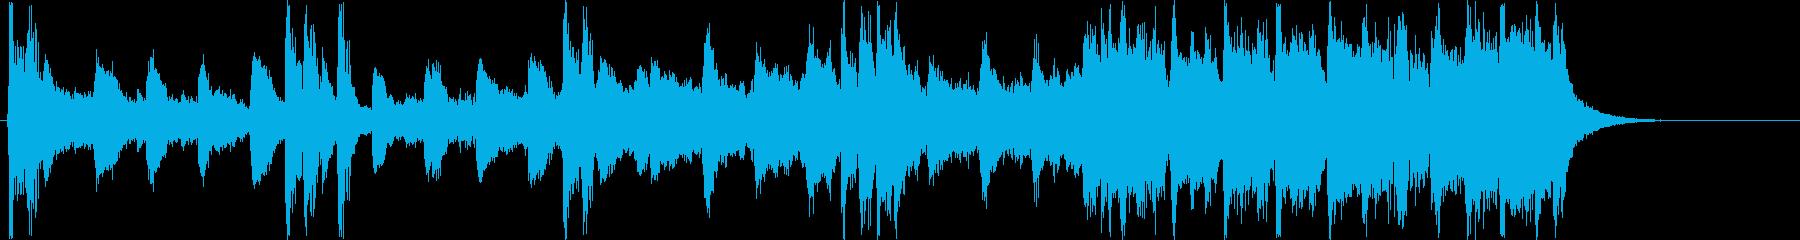 チャイナ風シンセサイザー短めサウンドの再生済みの波形